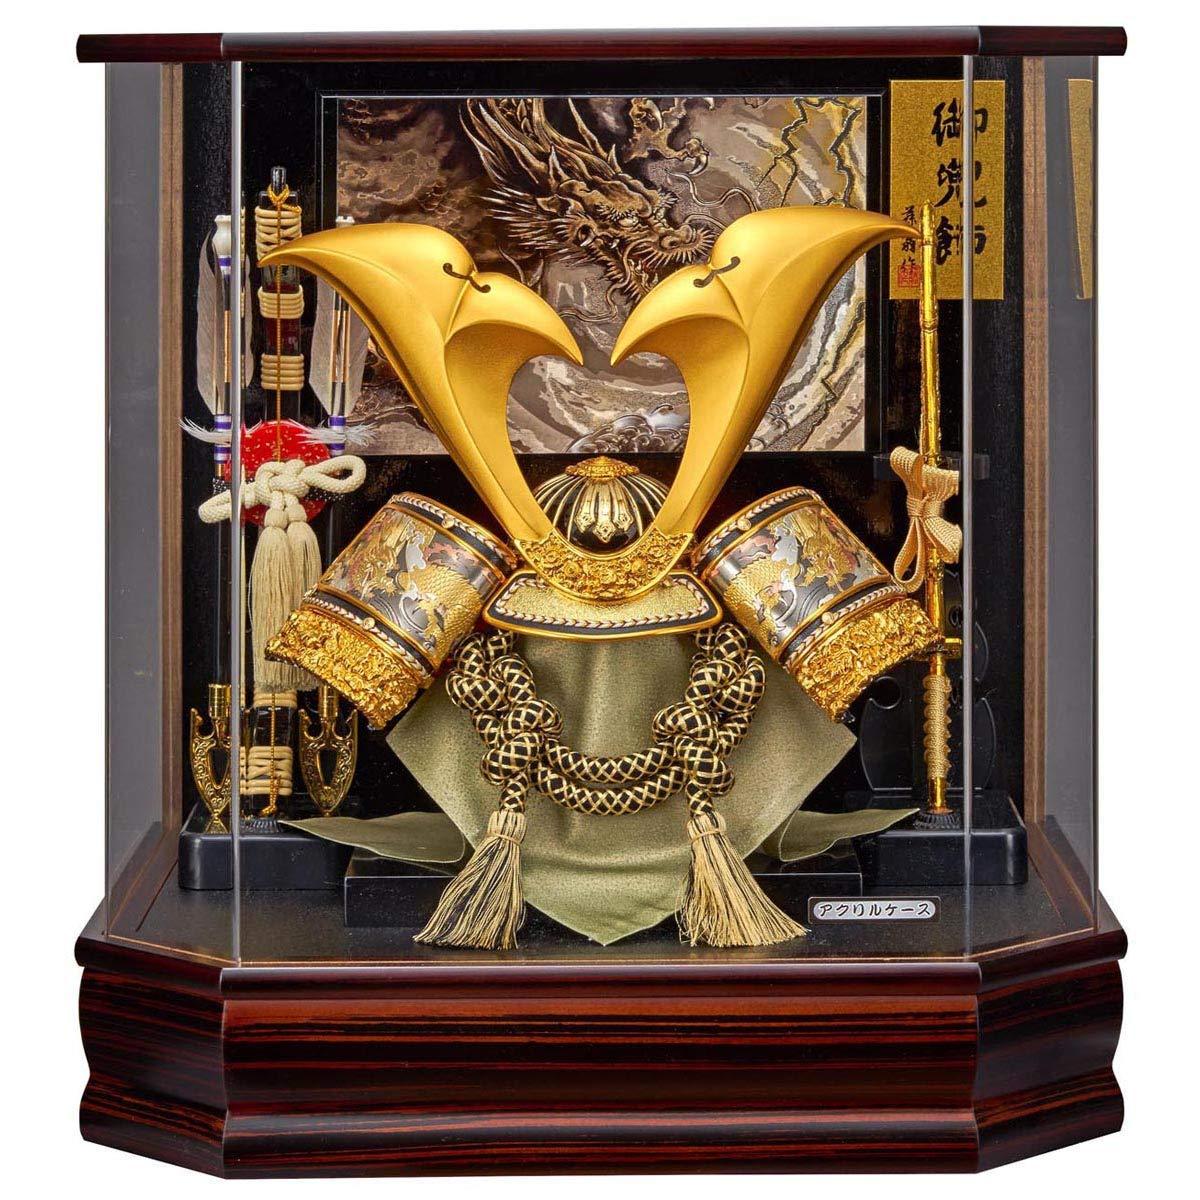 五月人形 兜ケース飾り 六角 翔寿 彫金入 兜飾り アクリルケース飾り GOFO-175-722 藤翁作 30-116 B07P711KNB